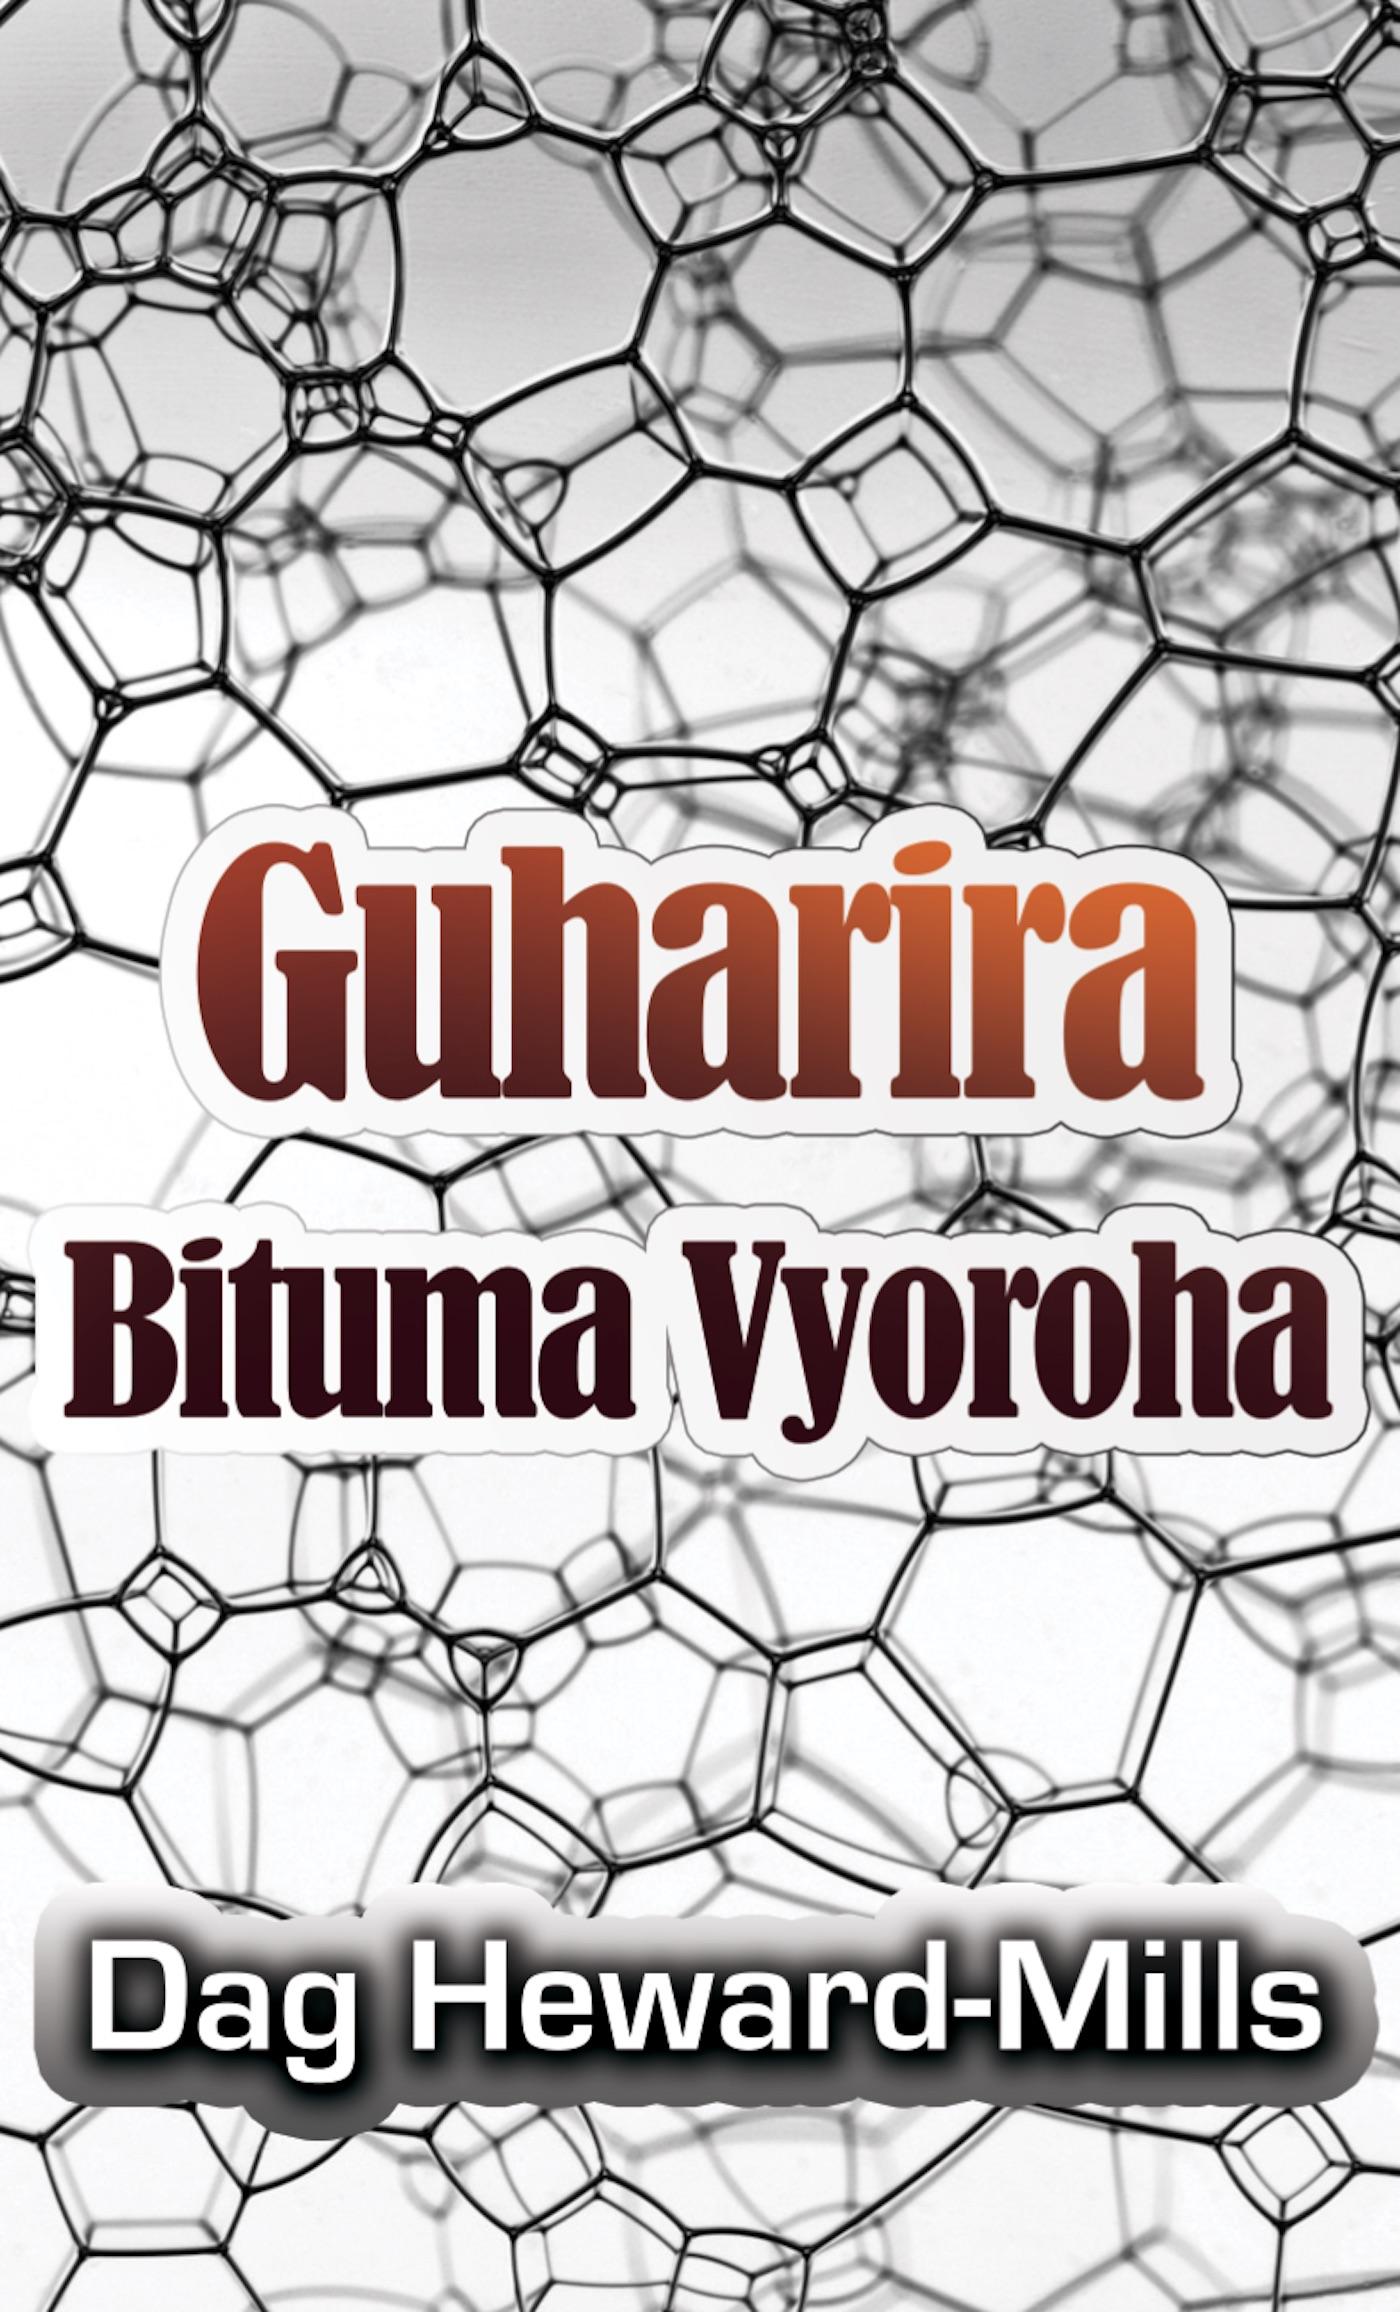 Guharira Bituma Vyoroha, an Ebook by Dag Heward-Mills